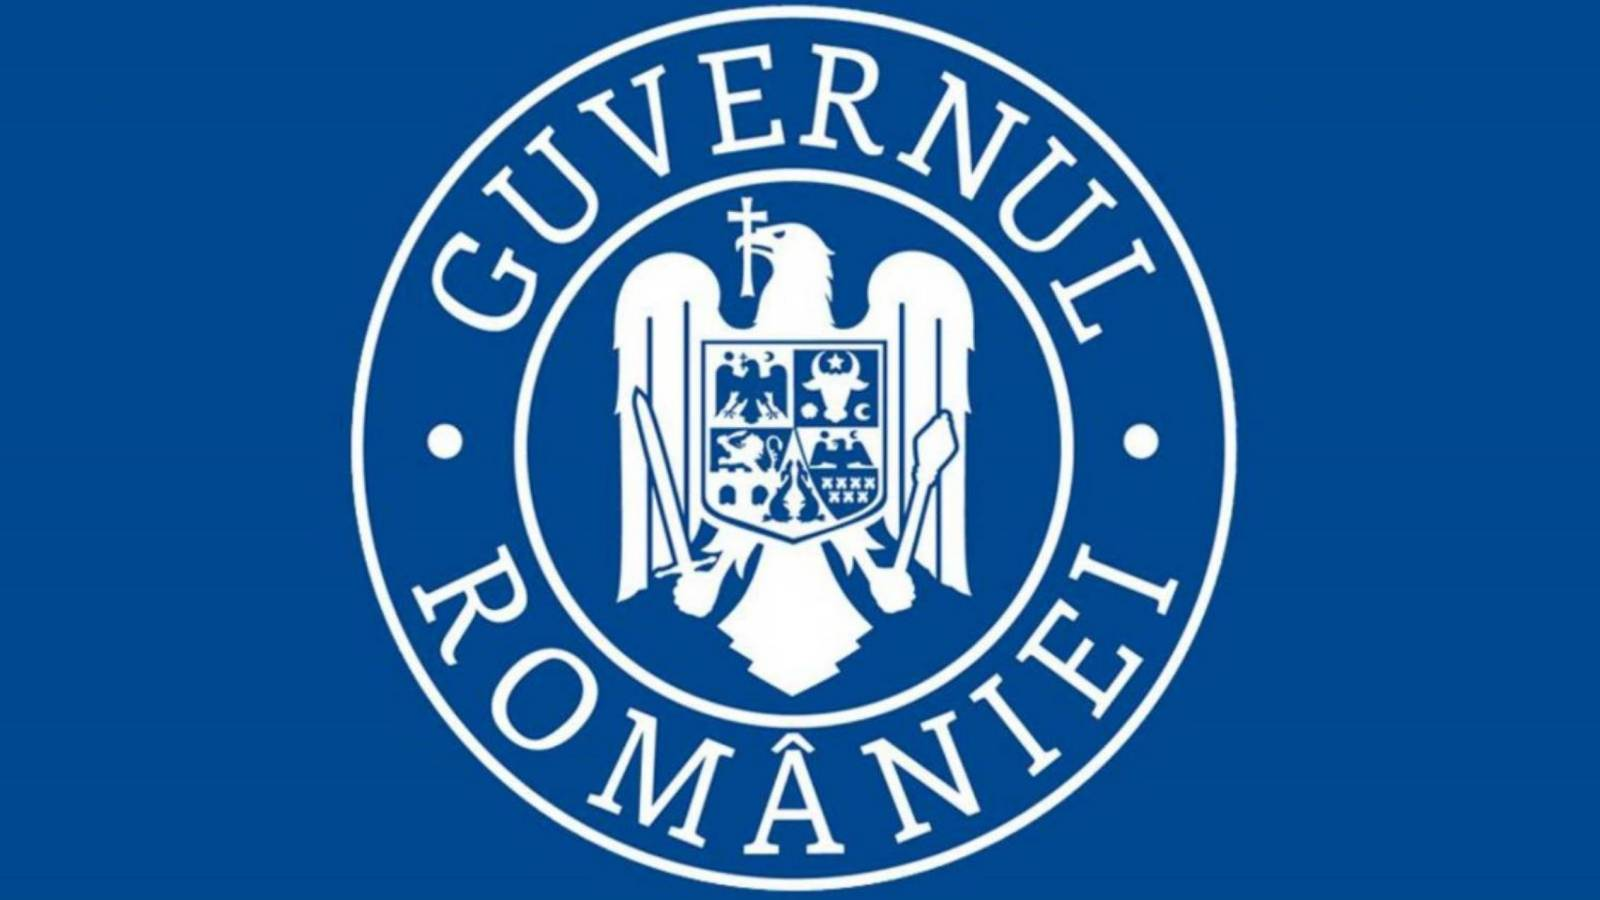 Alerta Guvernul Romaniei furt identitate